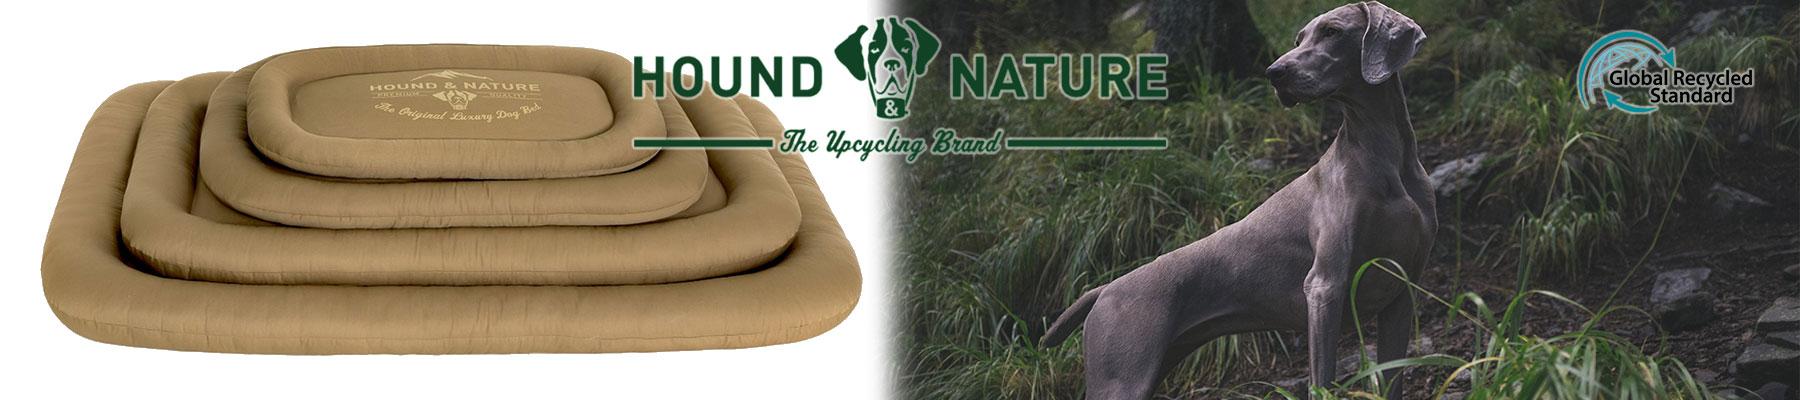 Hound & Nature Schlafplätze, Bild 4